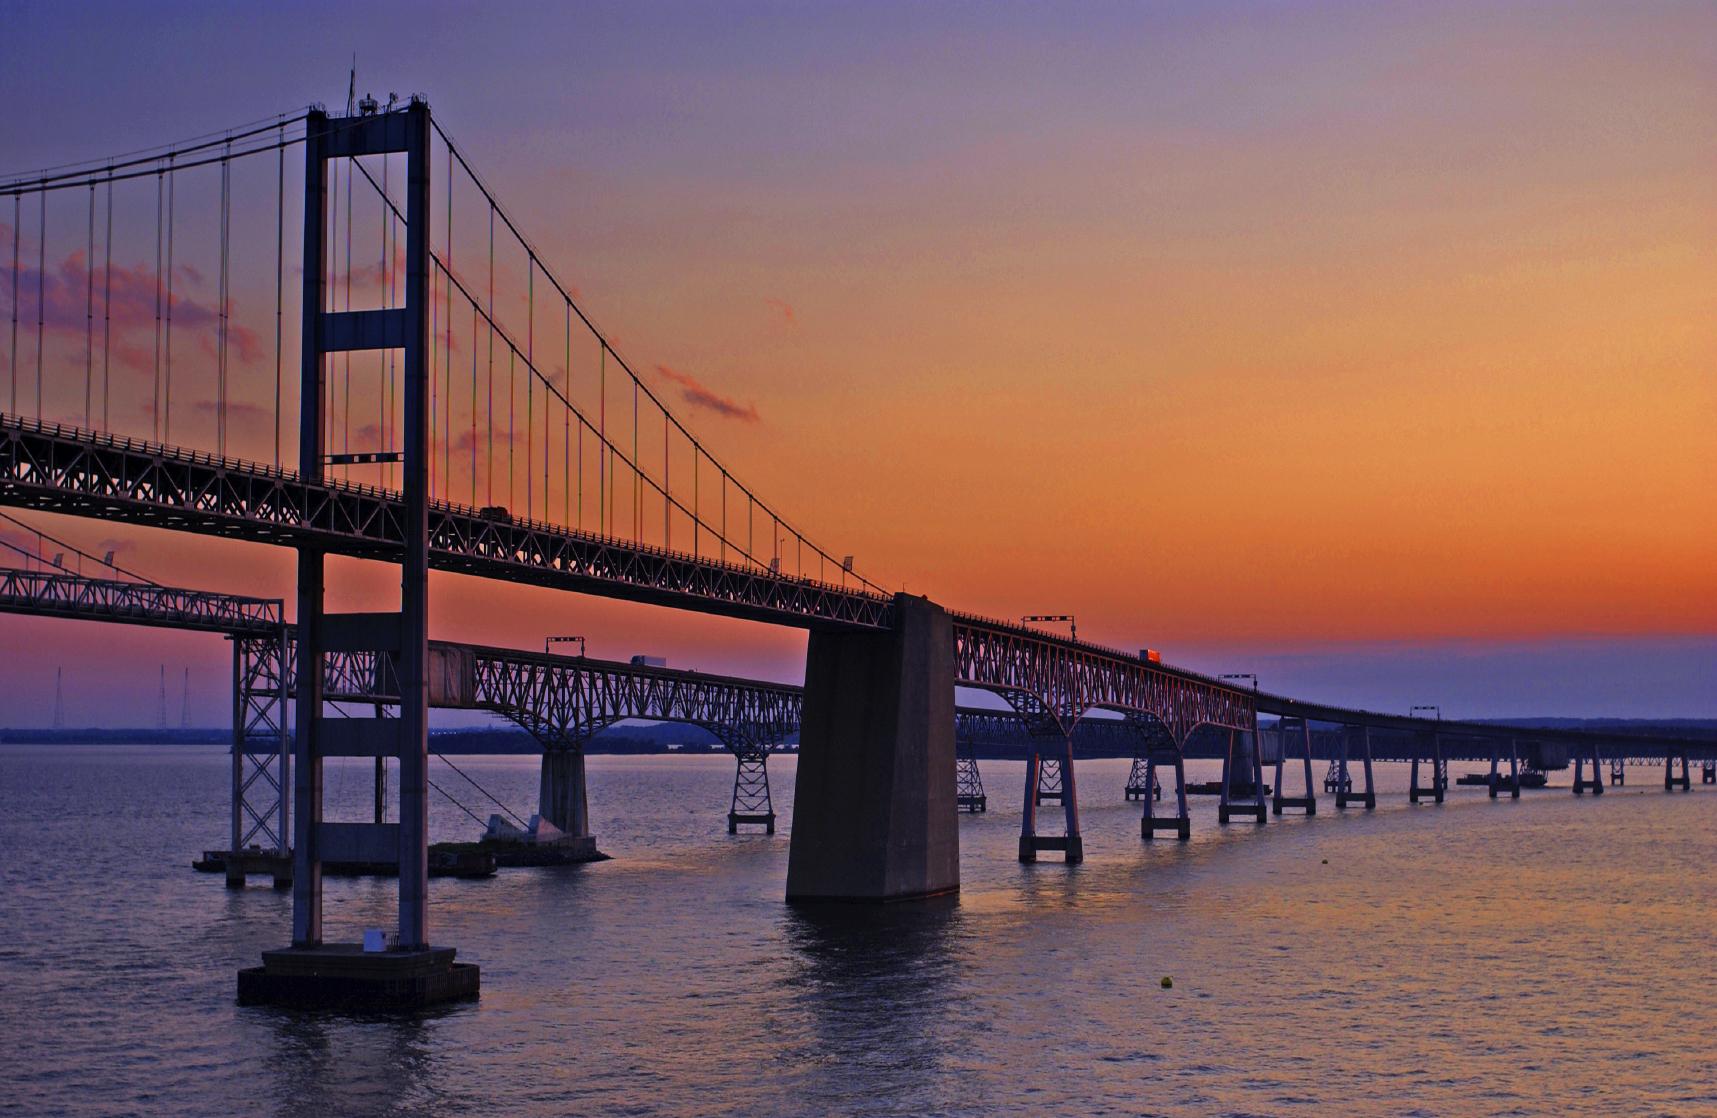 chesapeake bay bridge sunset.jpg